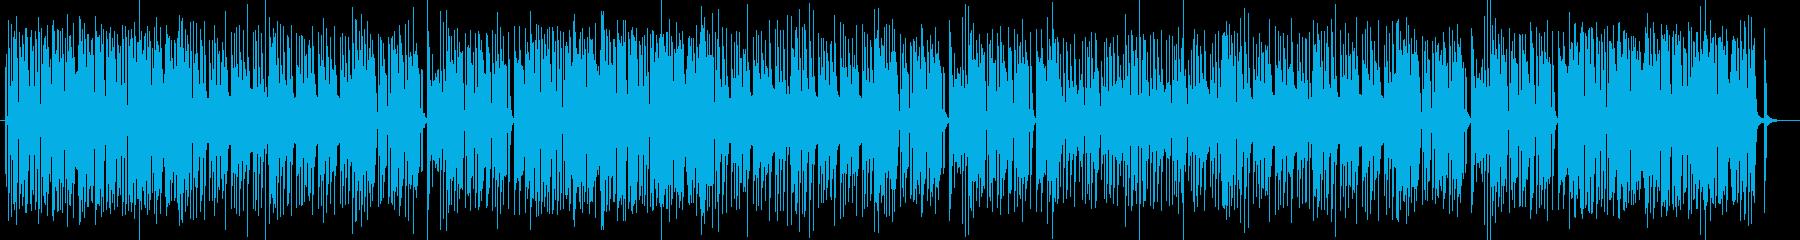 ノリの良いトランペットポップスの再生済みの波形